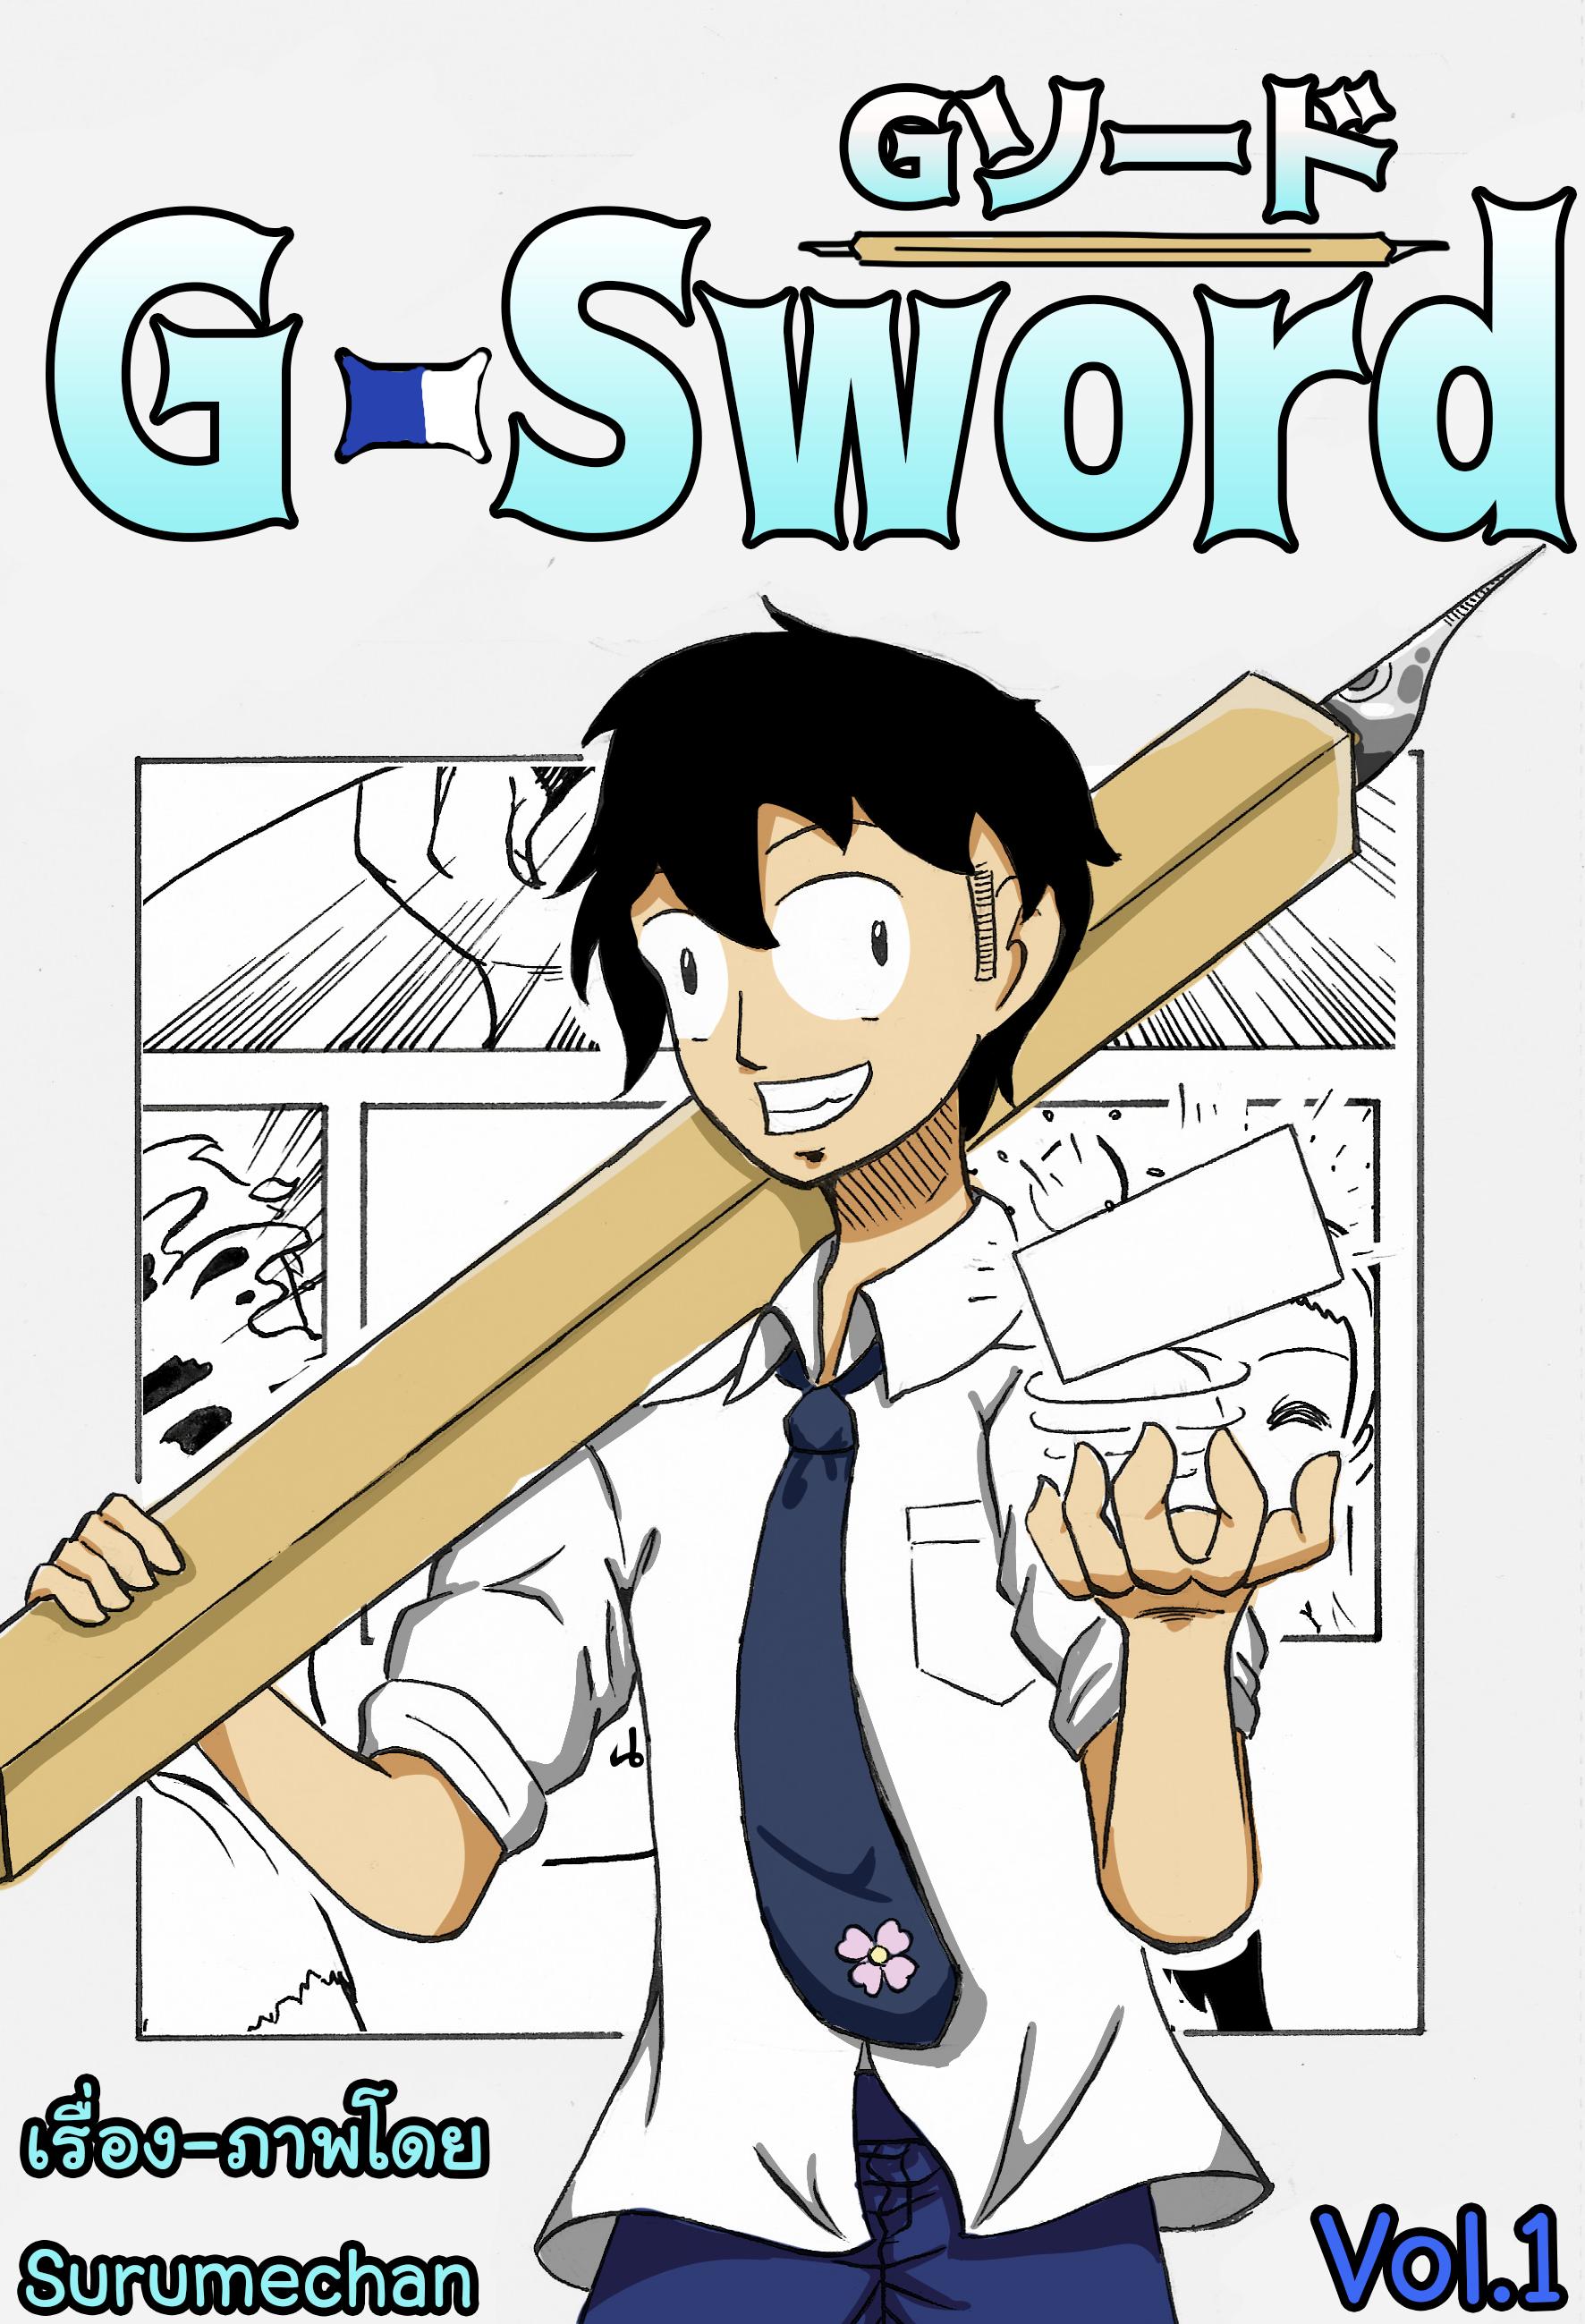 G-Sword